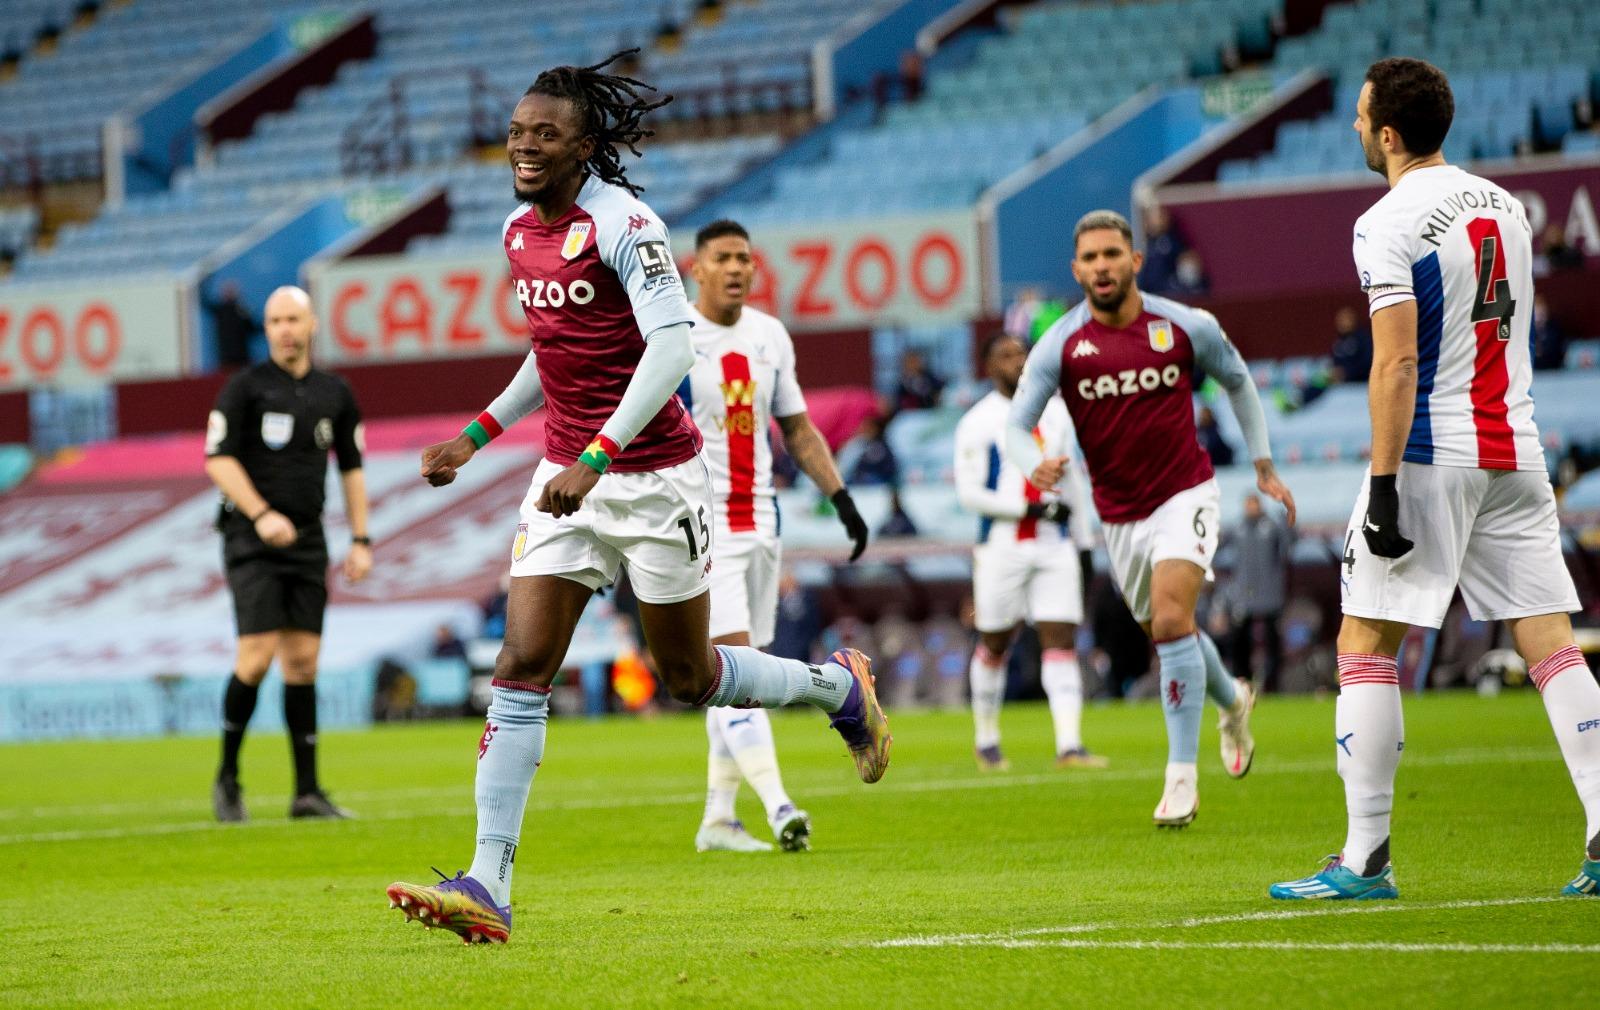 Premier League : contre Crystal Palace, Bertrand Traoré inscrit son 2e but en 2 matches